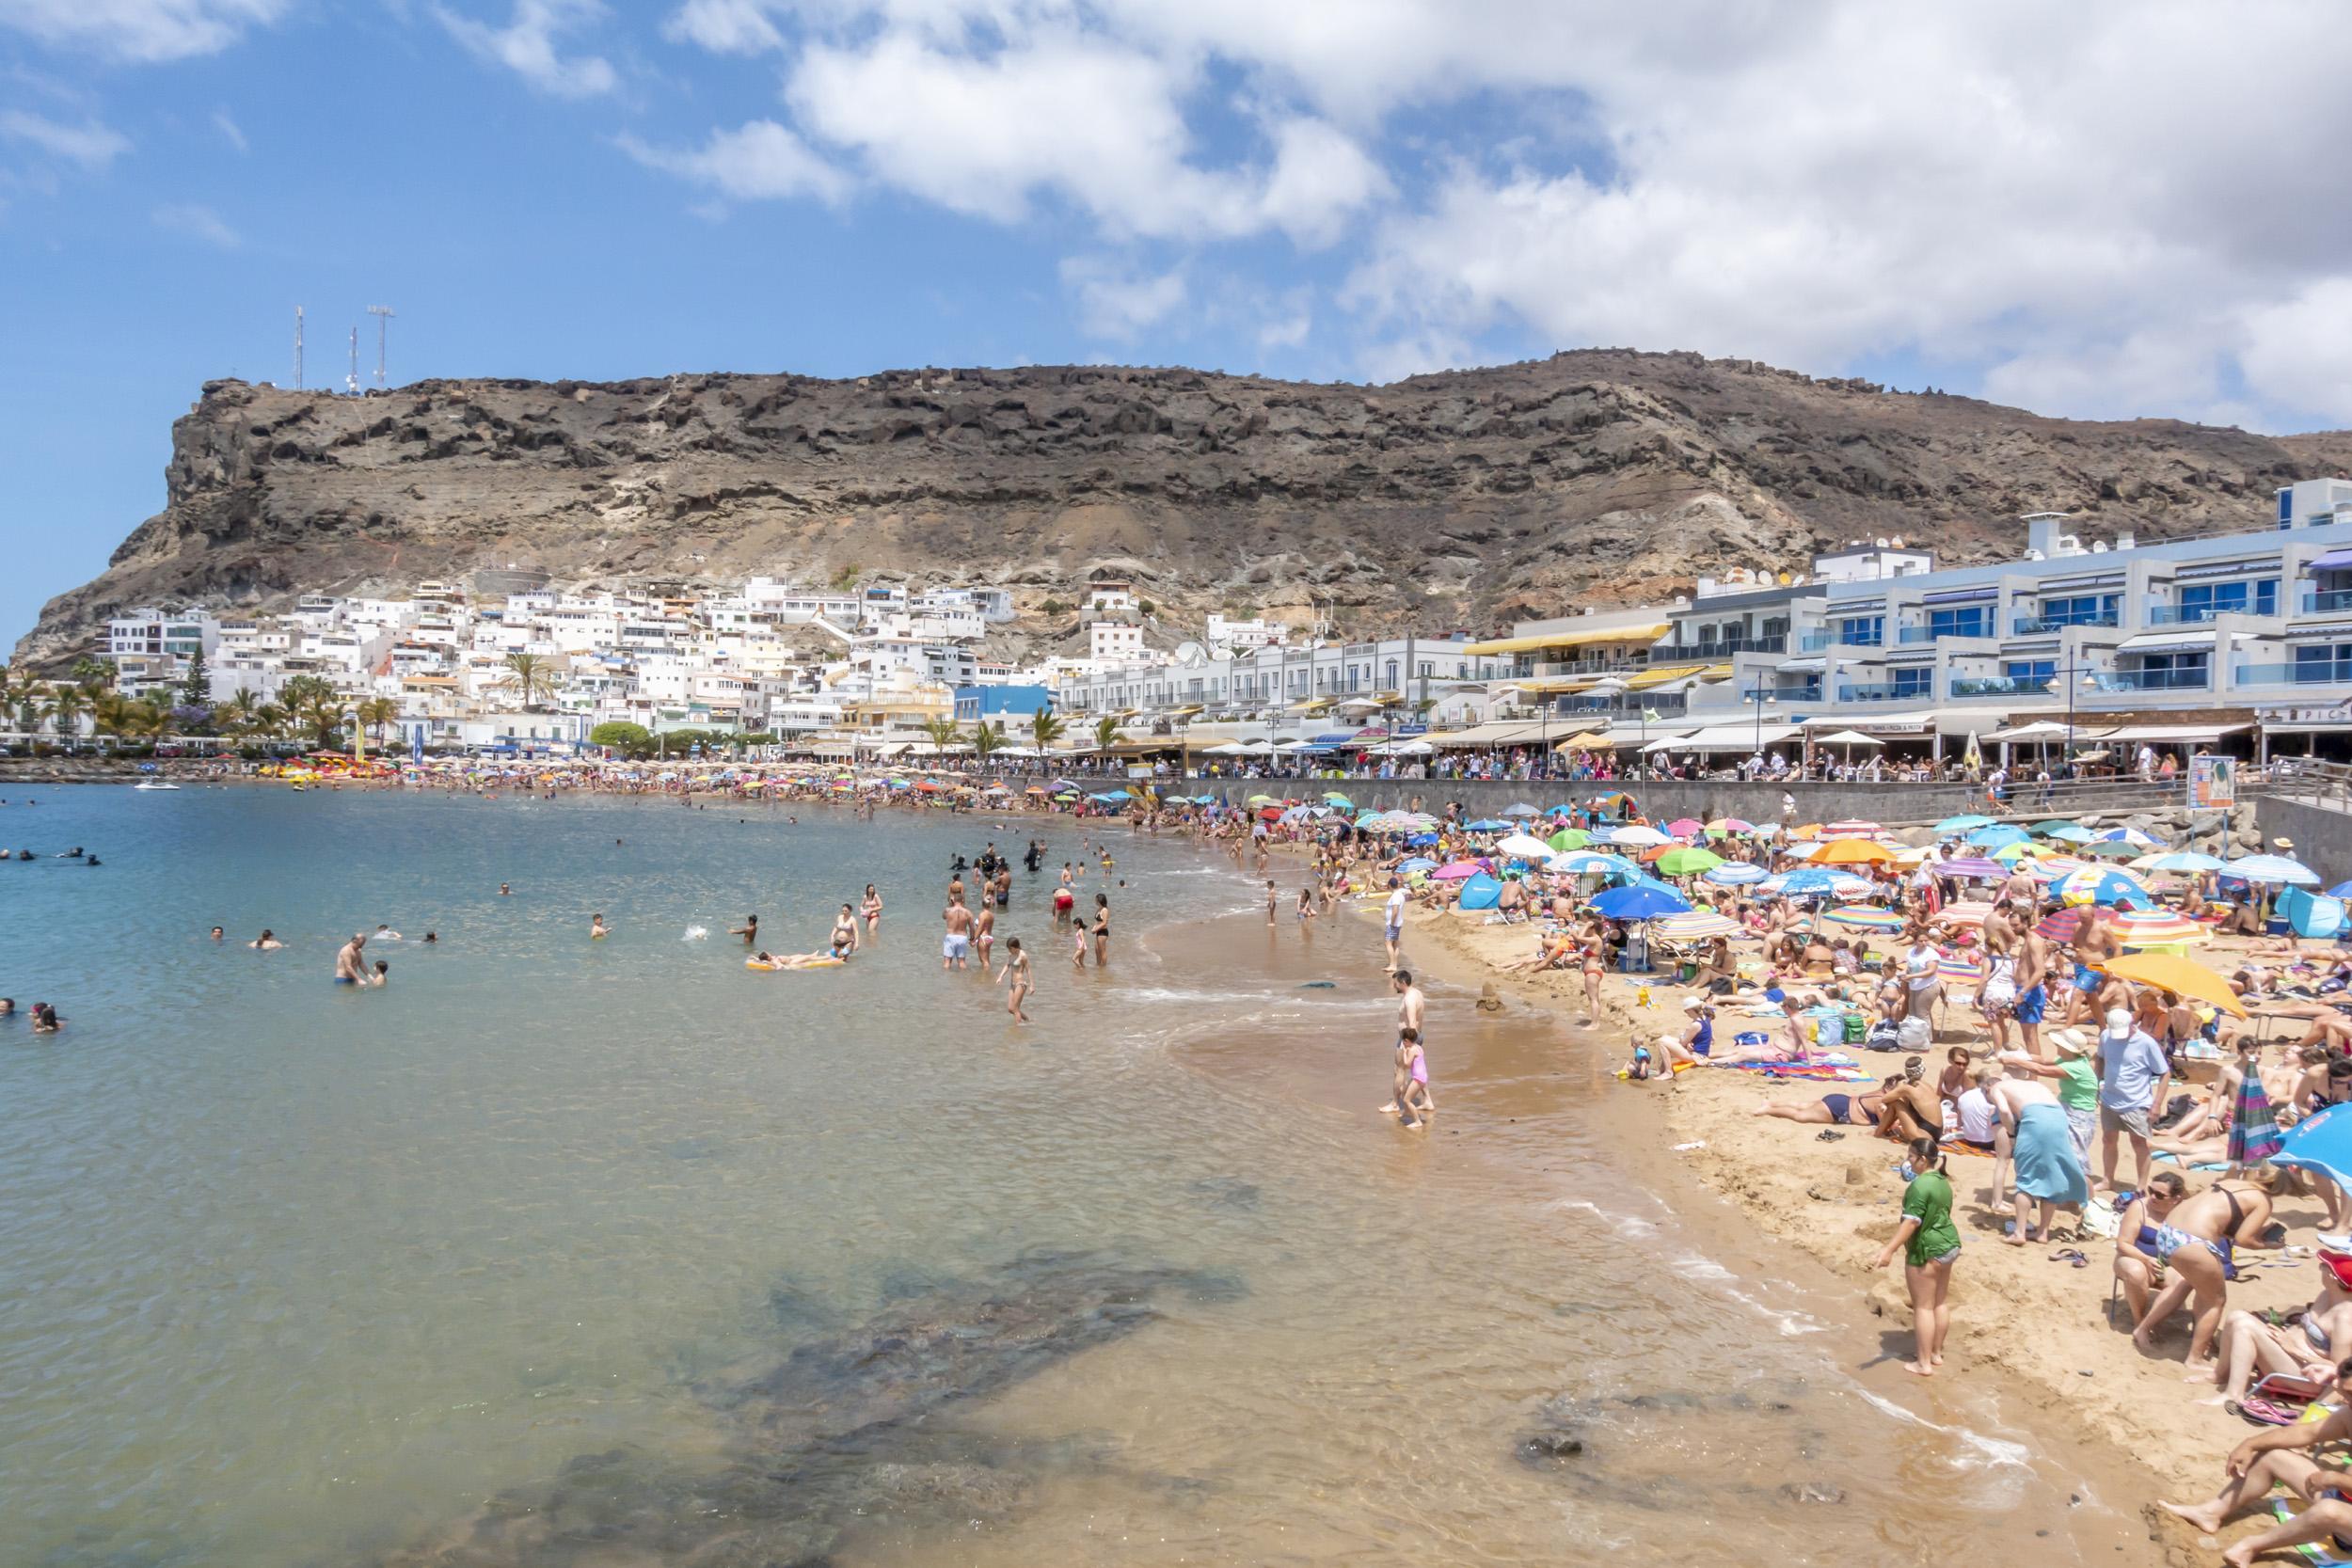 Puerto Rico Beach - Gran Canaria, Spain